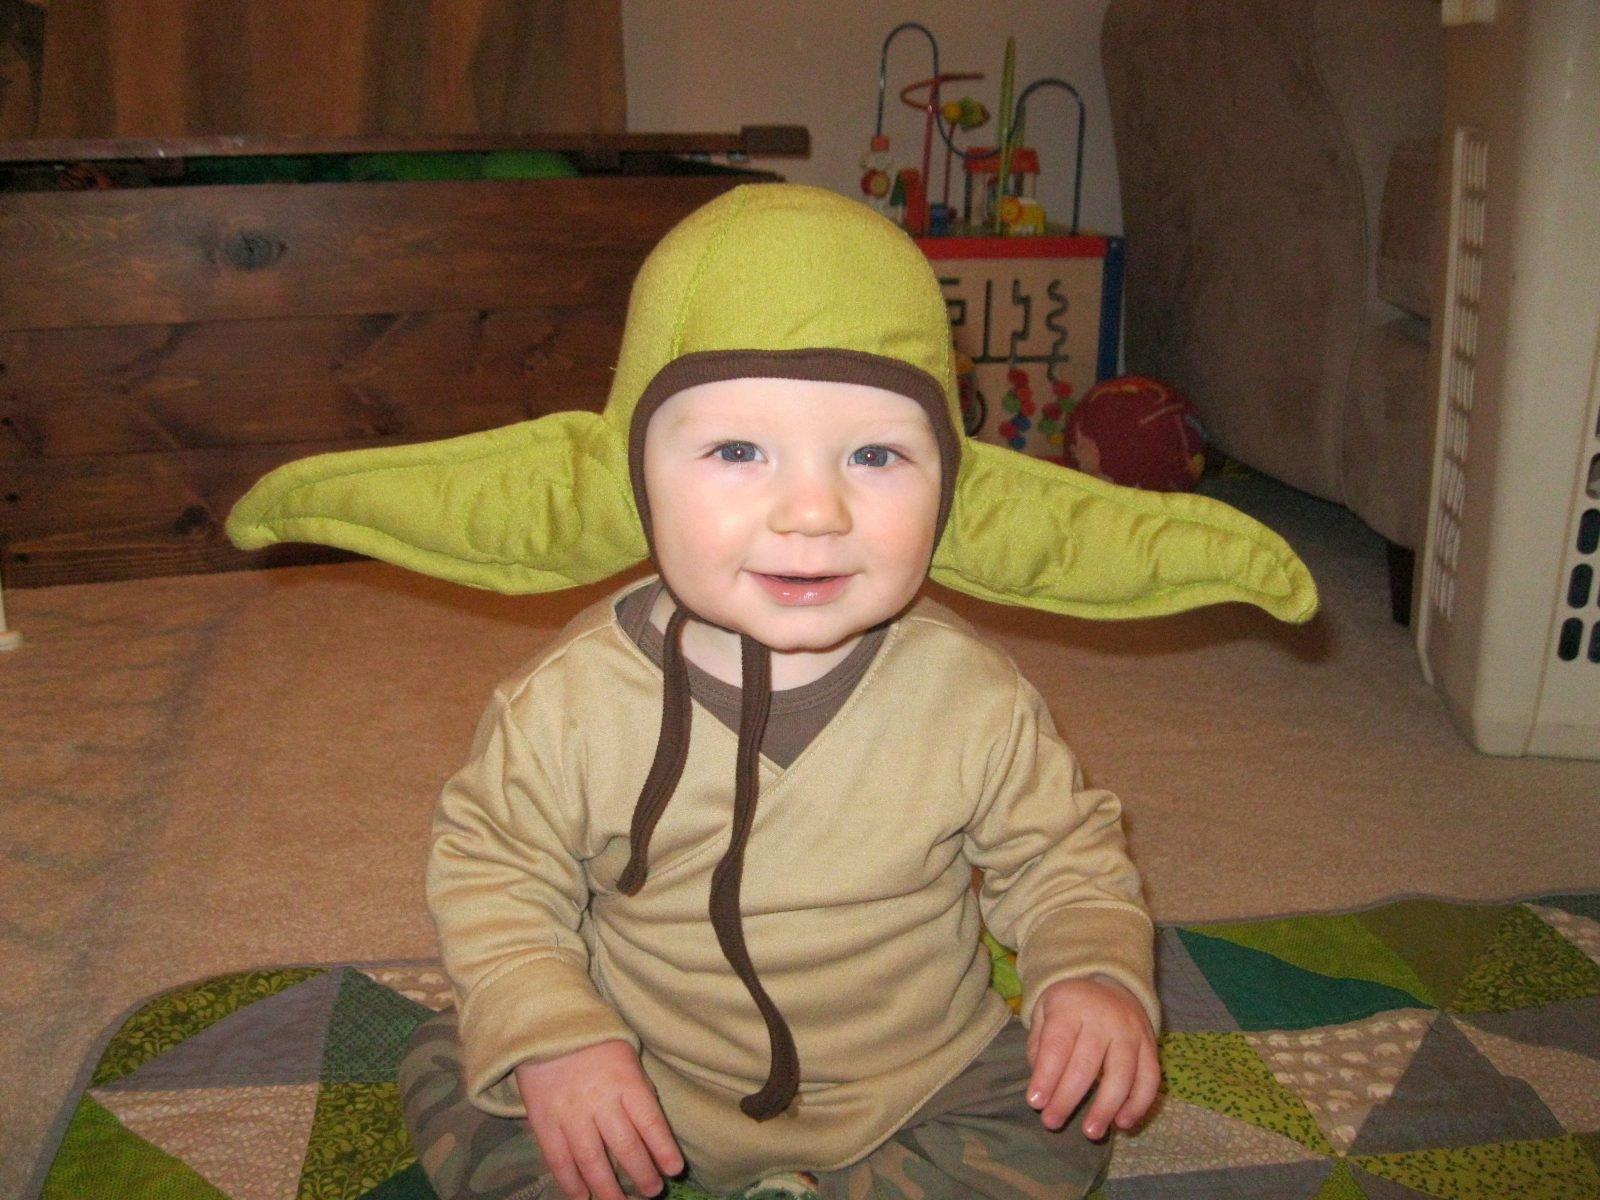 Baby Yoda Handmade Costume 5